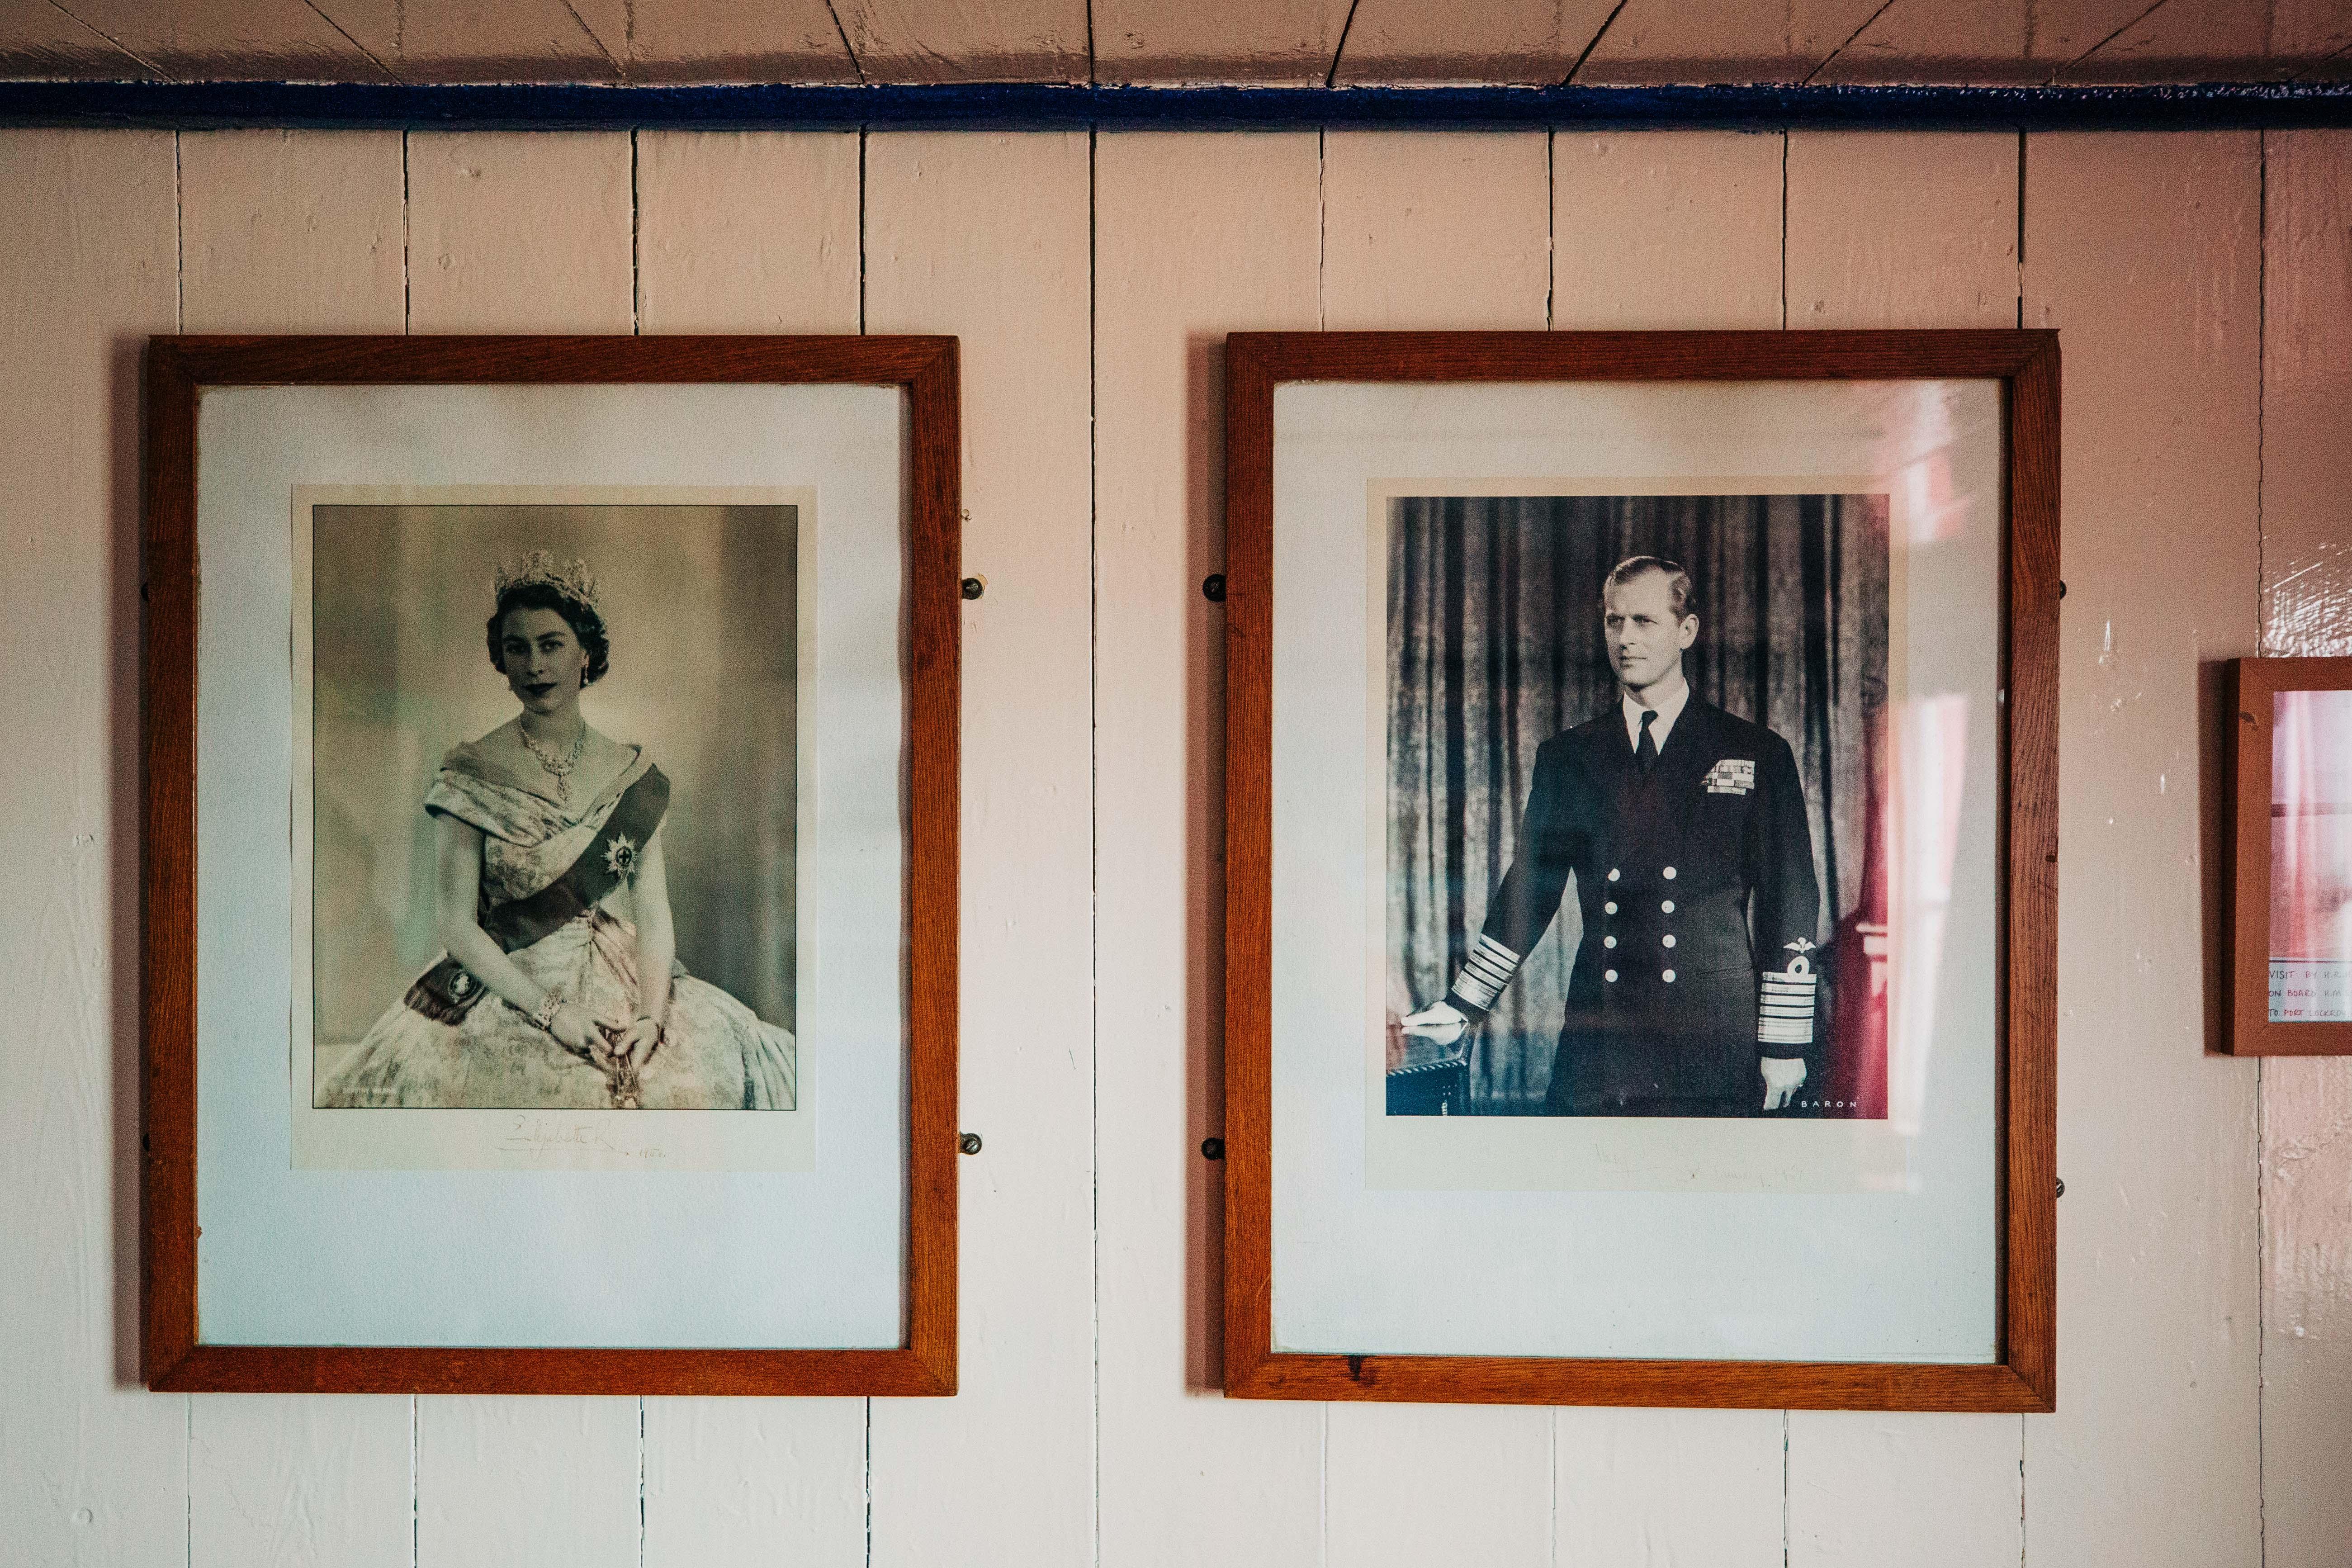 Der Mann, der stets zwei Schritte hinter der Chefin ging: So wurde Prince Philipp sein Leben lang beschrieben.